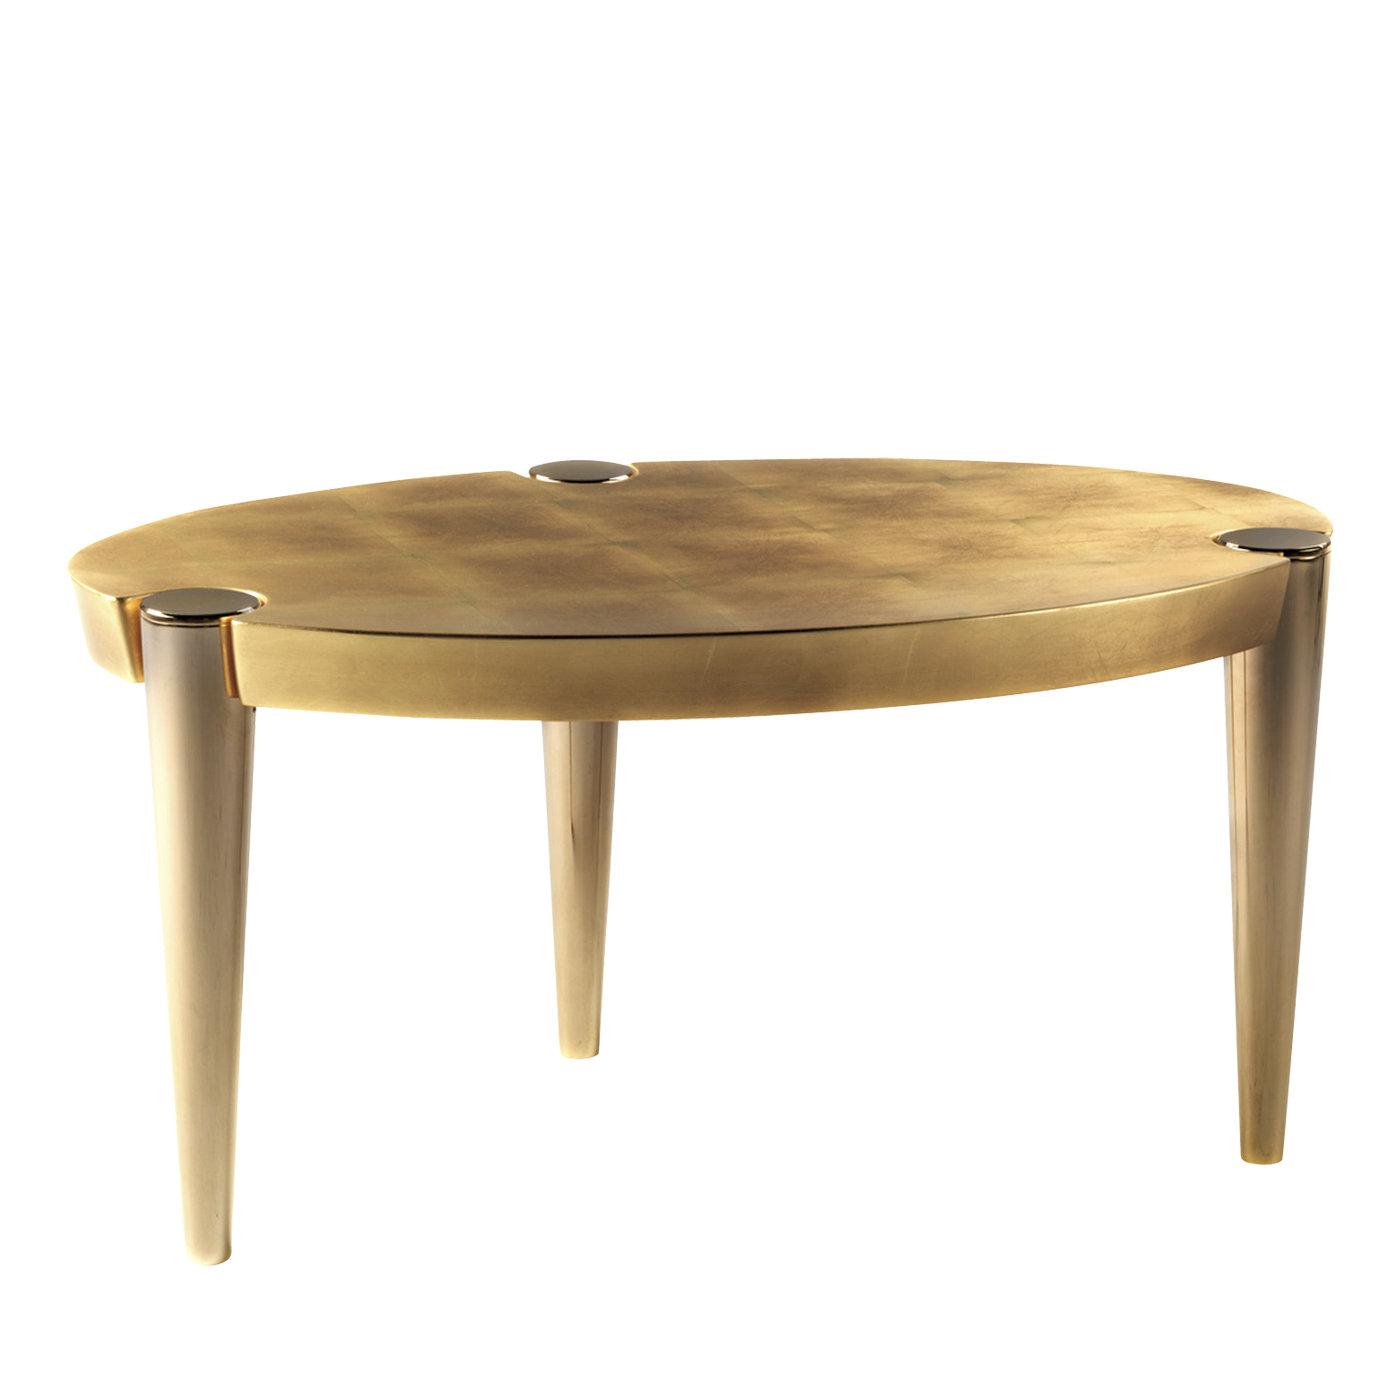 ottaviano gold leaf coffee table elledue arredamenti ellemb end artemest elegant white black side park home furniture skinny bedside antique primitive wicker high quality brands